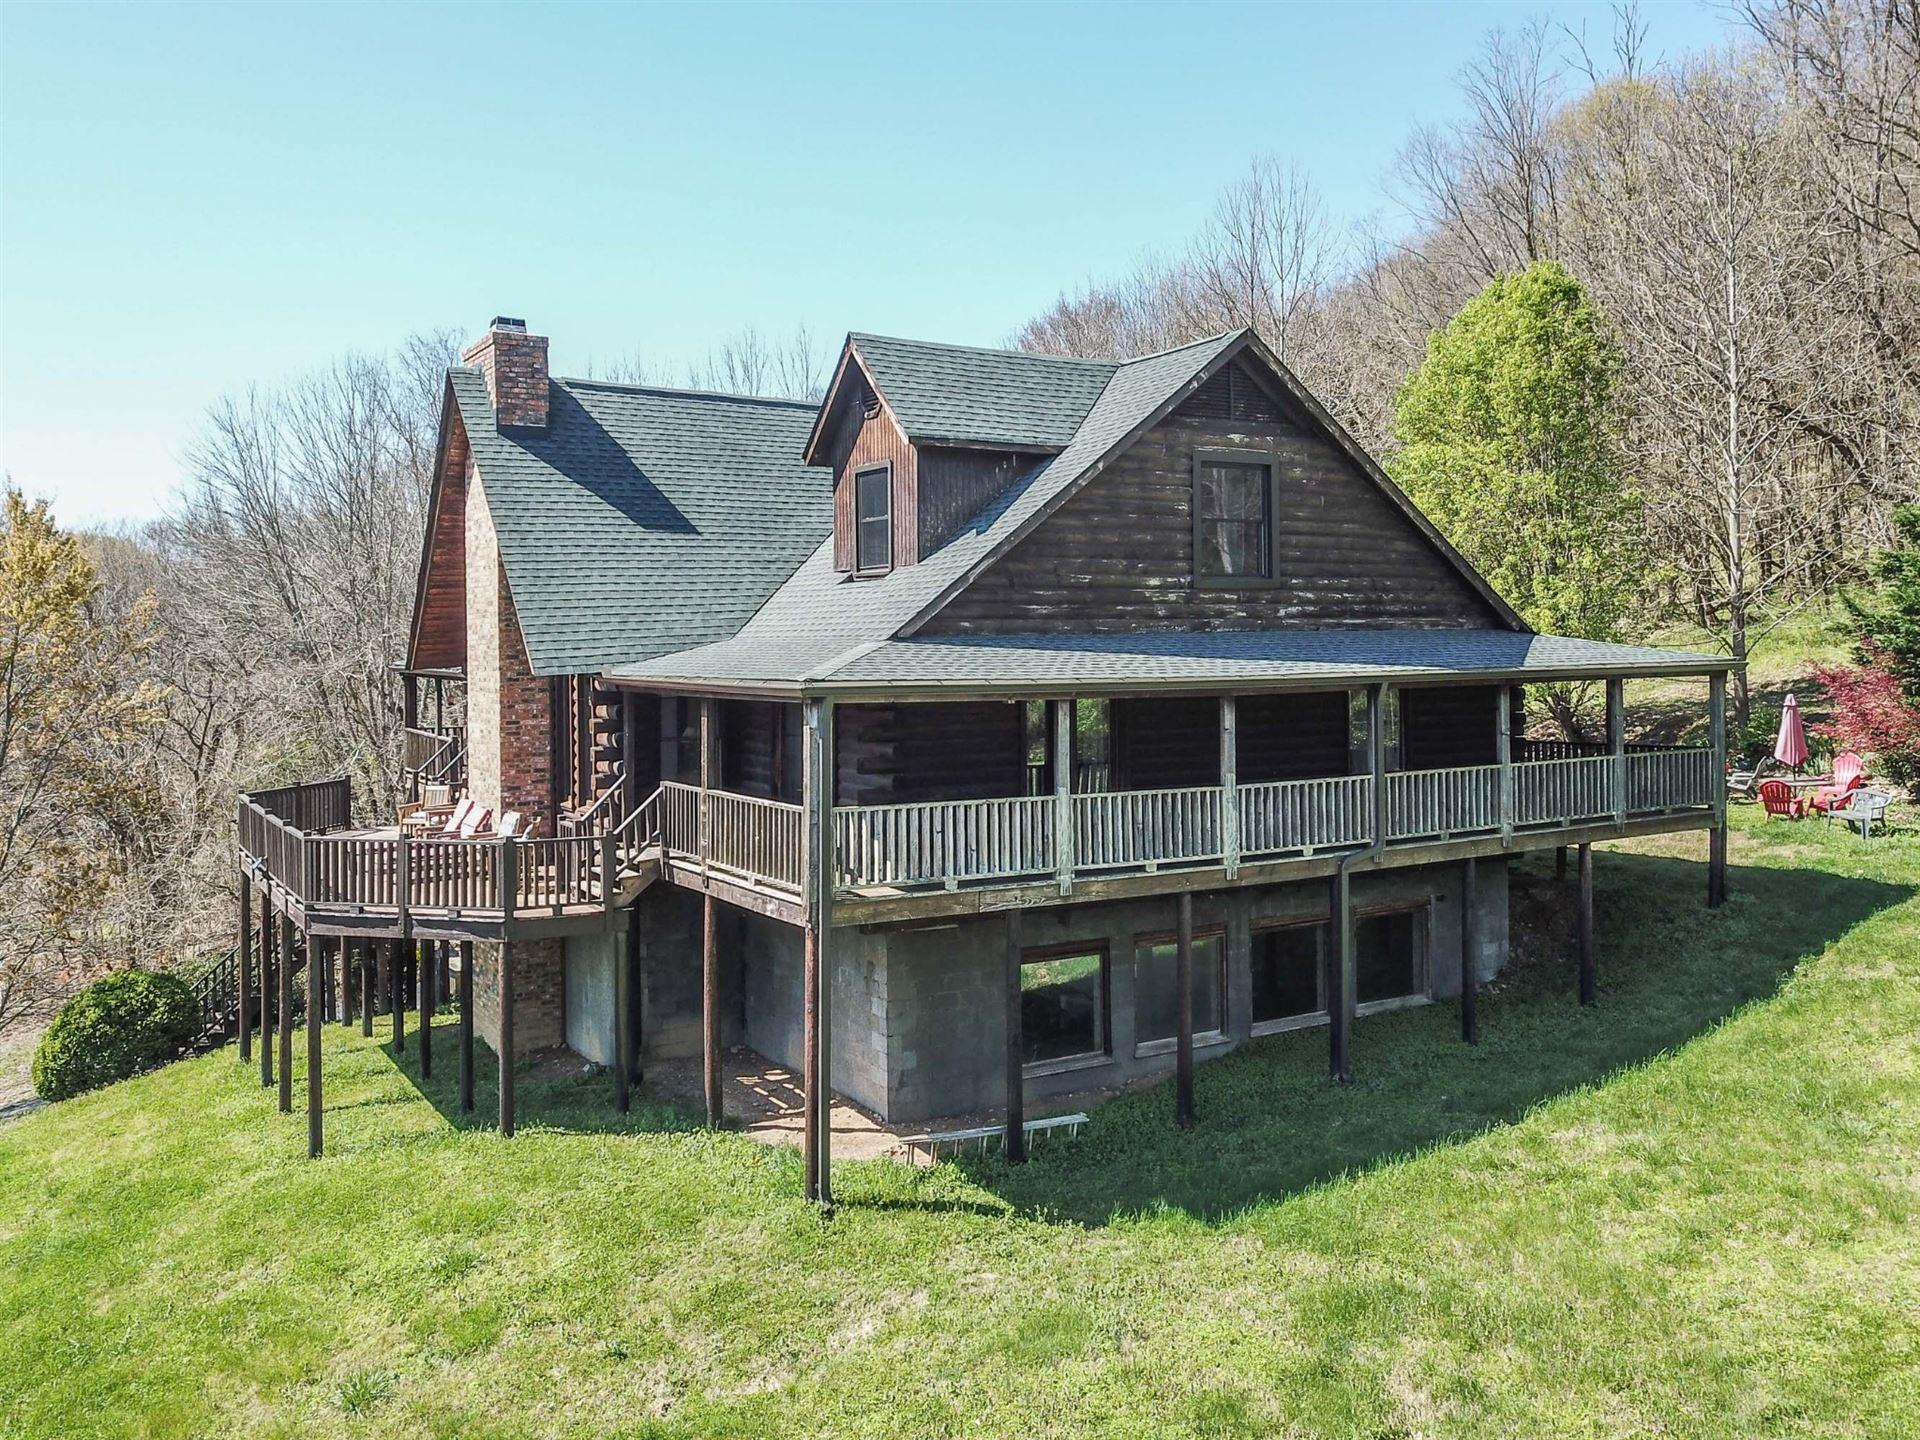 Photo of 1723 Warren Hollow Rd, Nolensville, TN 37135 (MLS # 2241403)